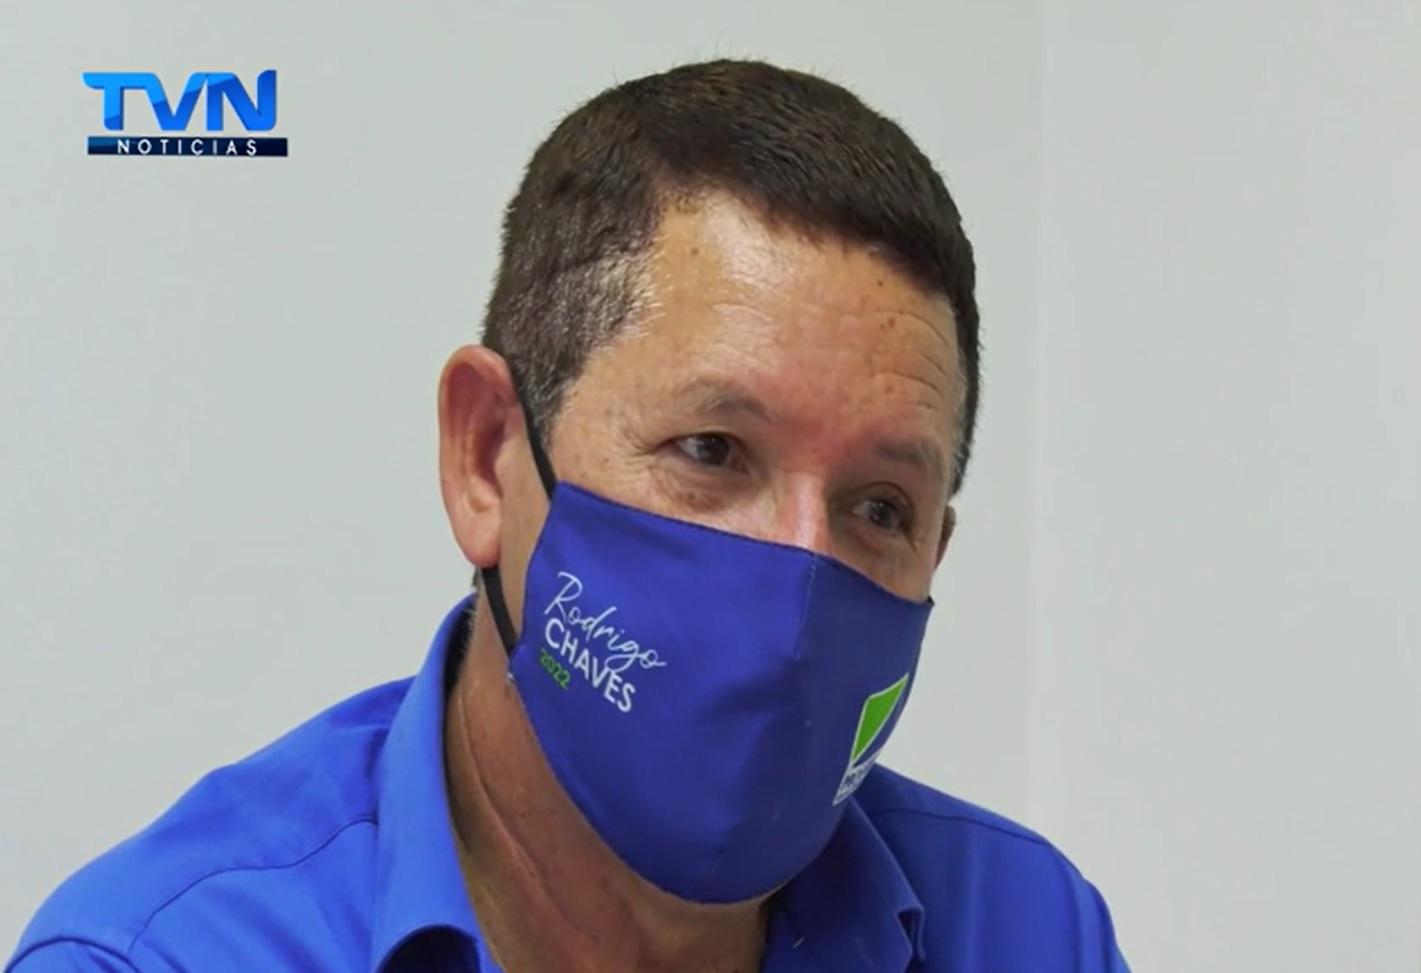 Convencido de luchar contra la corrupción, el educador Jorge Antonio Rojas pide el voto de los sancarleños